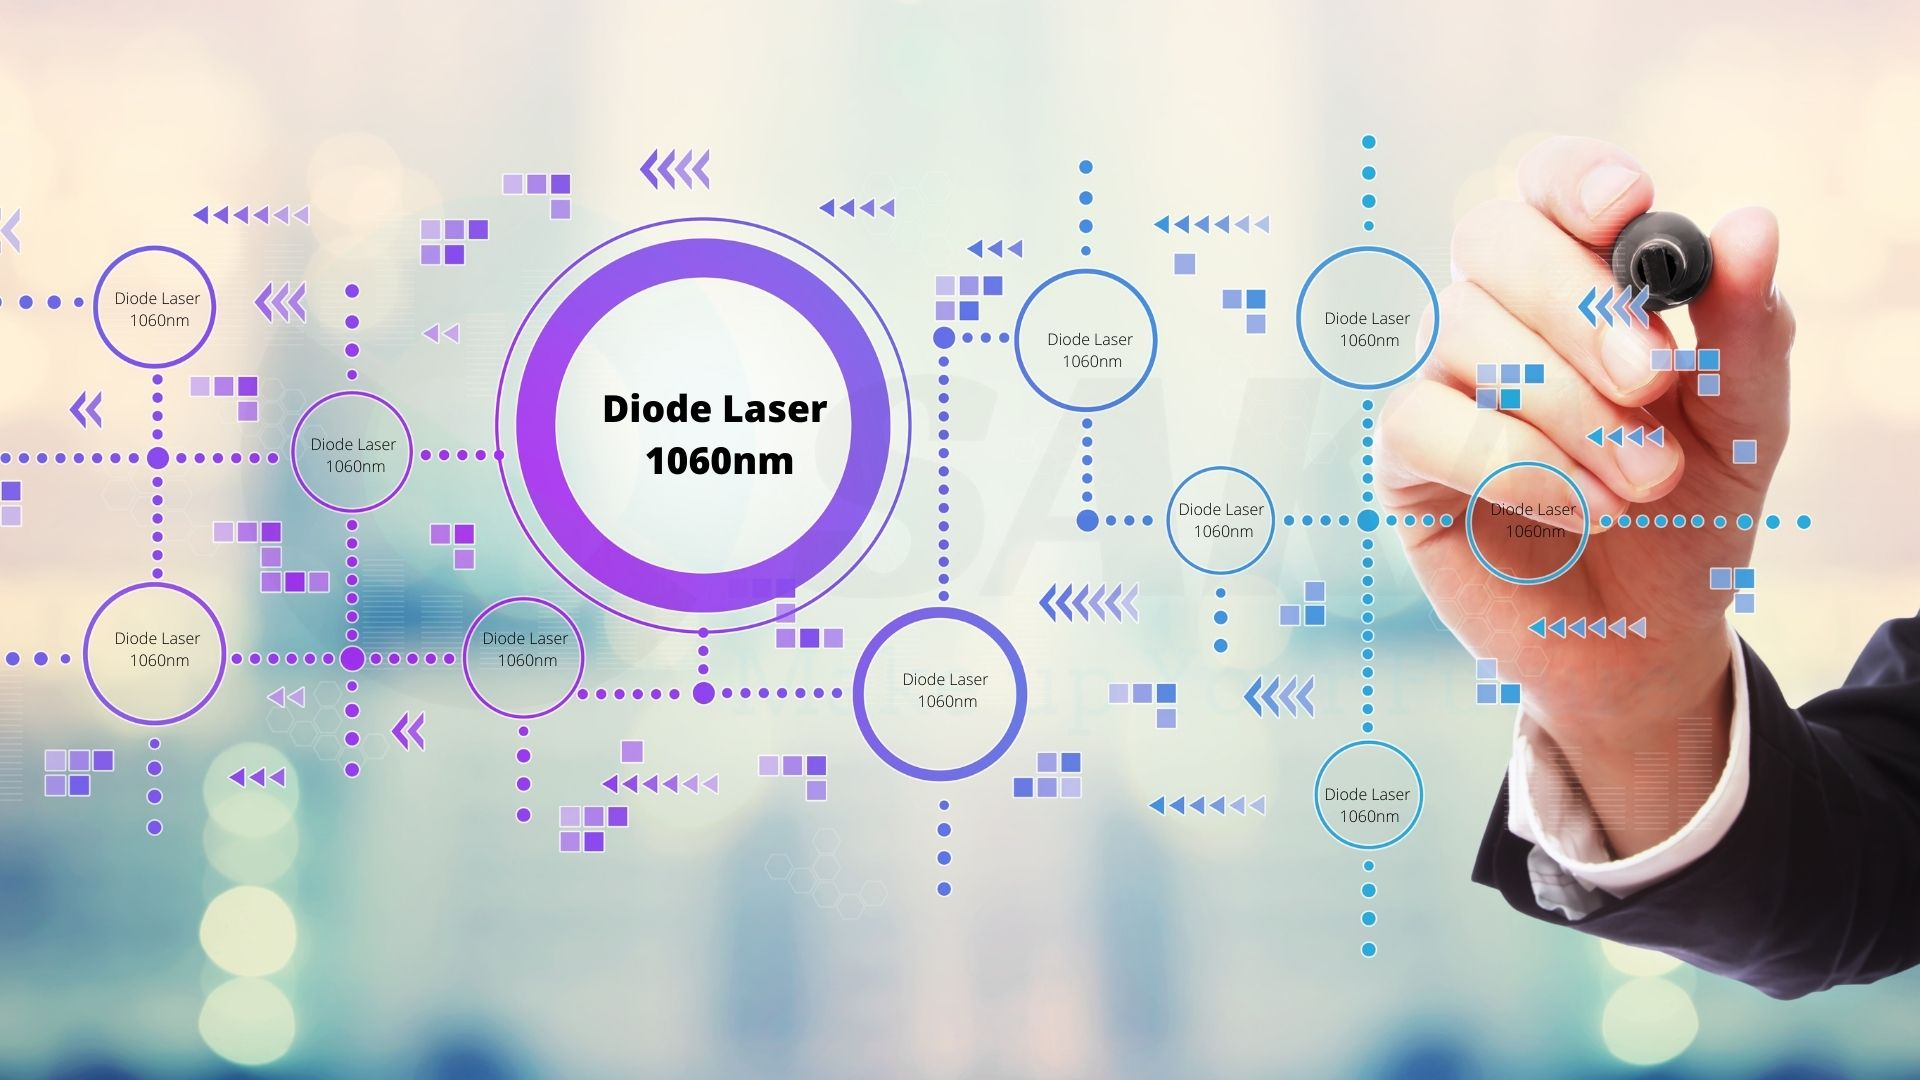 Báo cáo lầm sàng công nghệ diode laser 1060nm